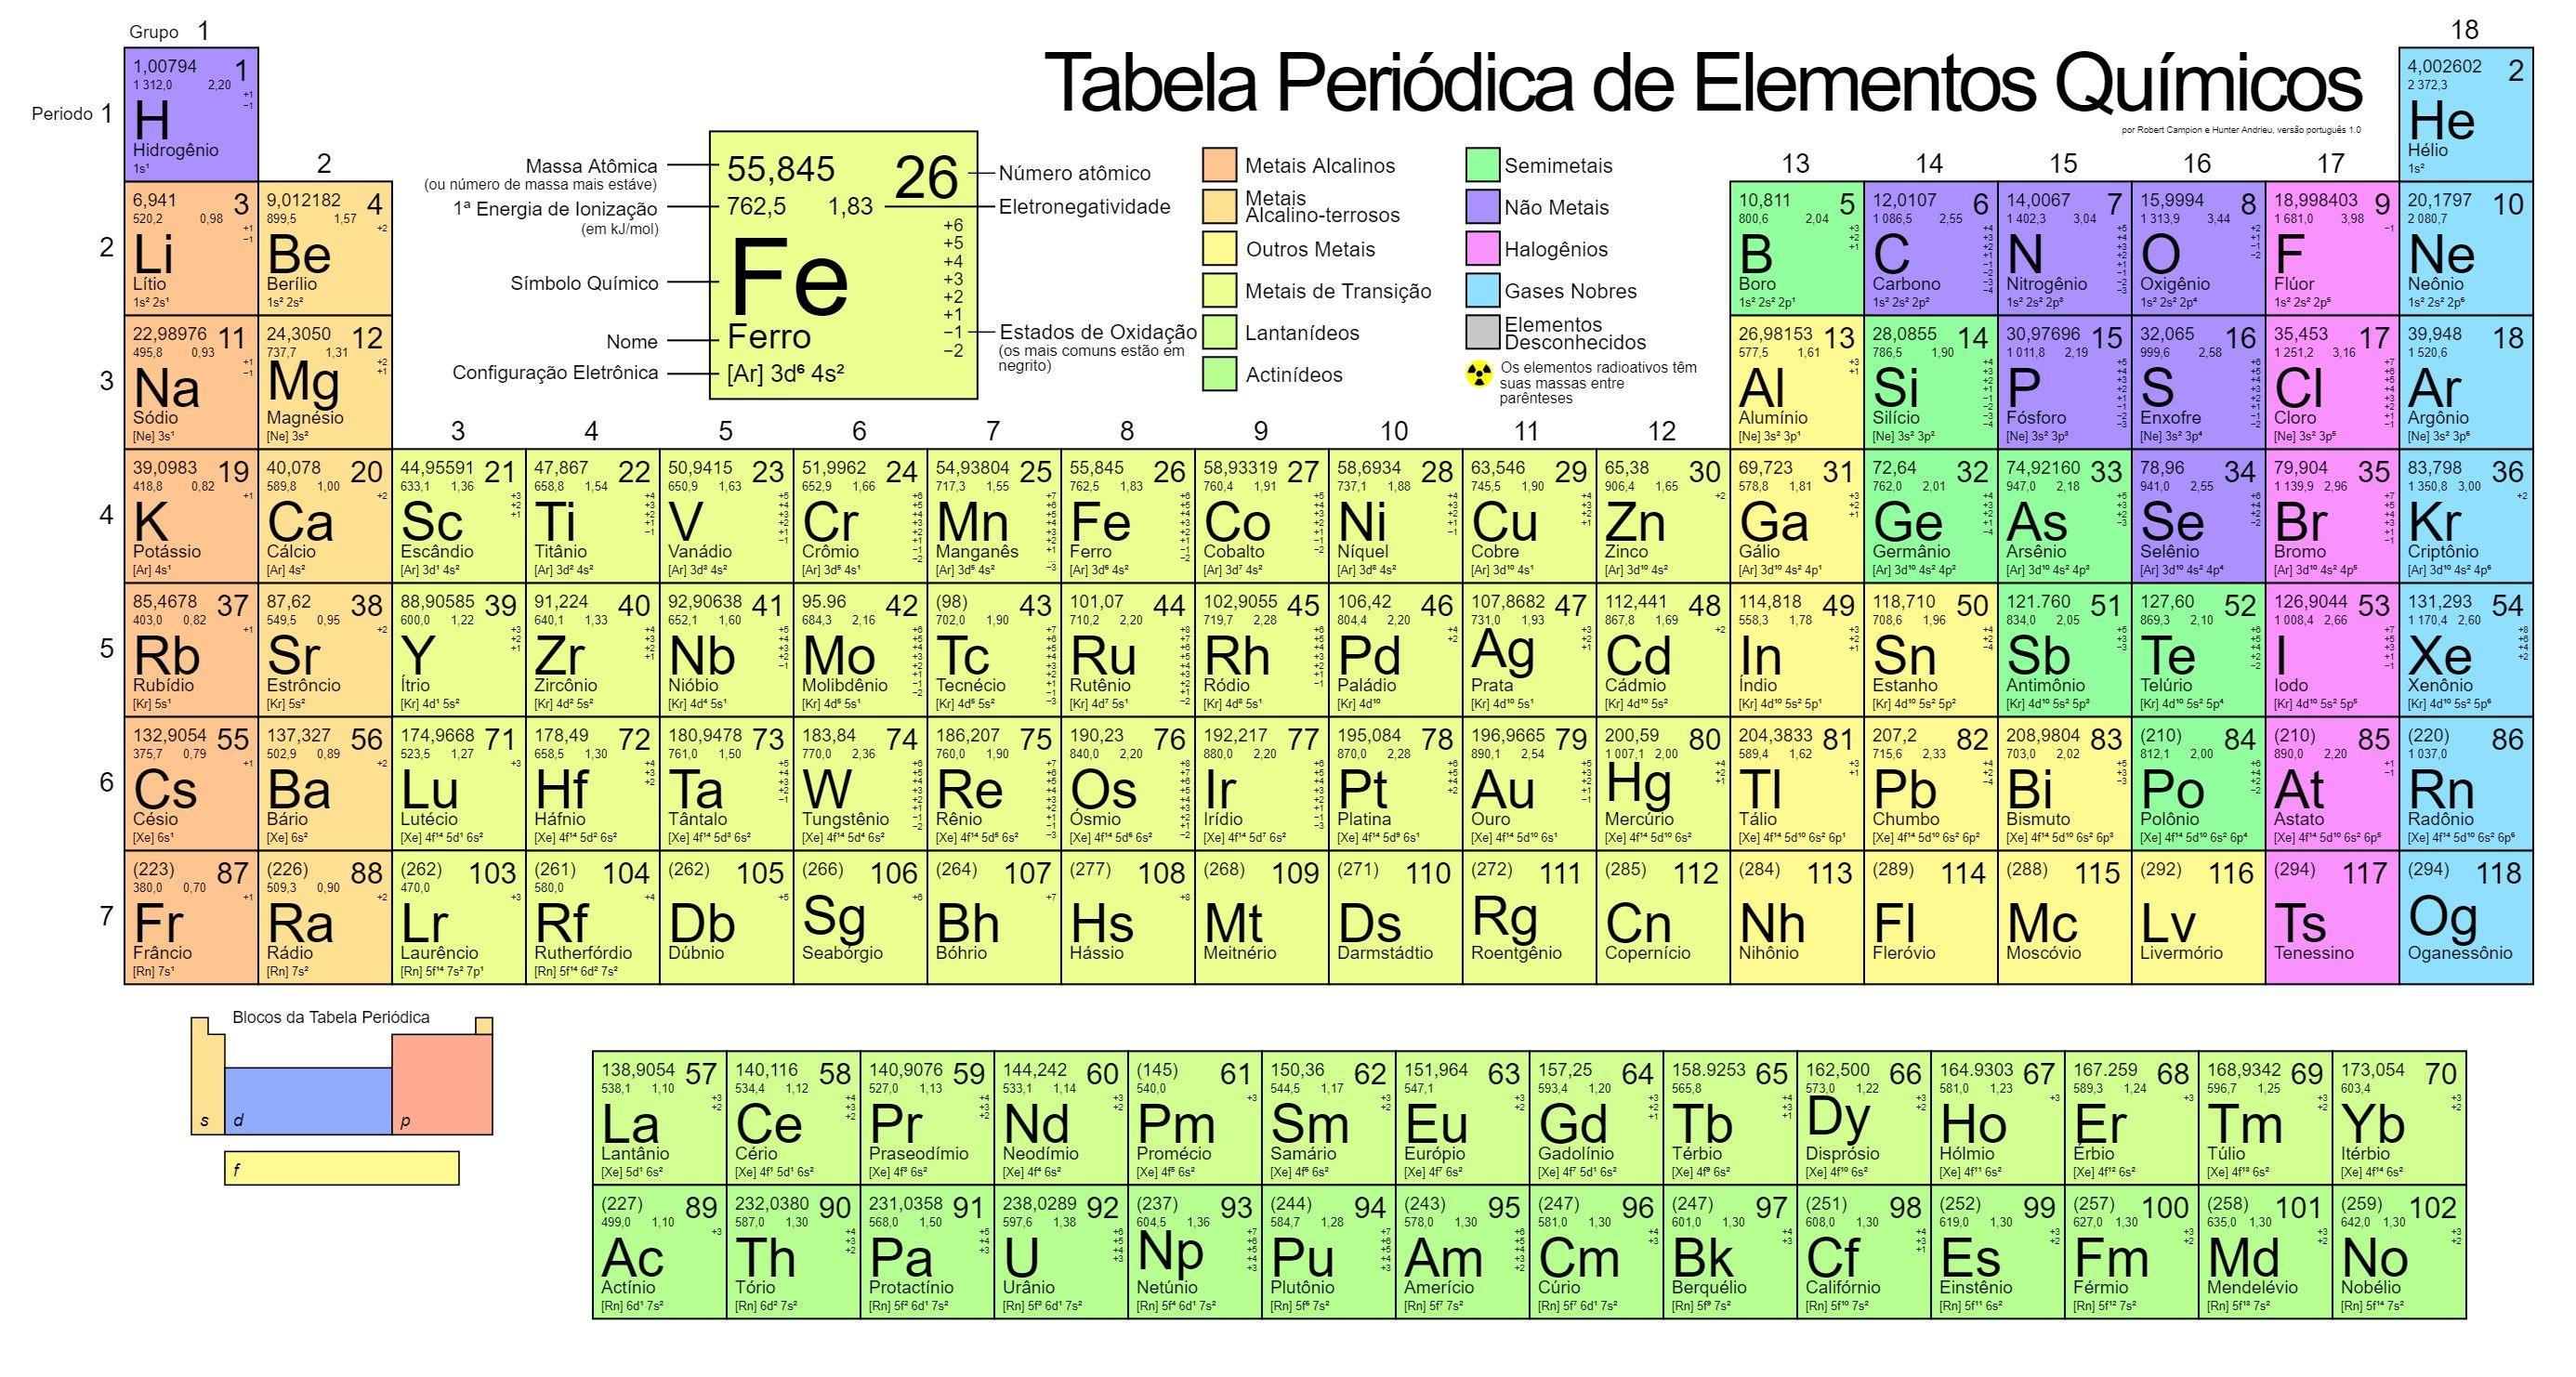 Tabela Periodica Atual E Moderna Com Configuracao